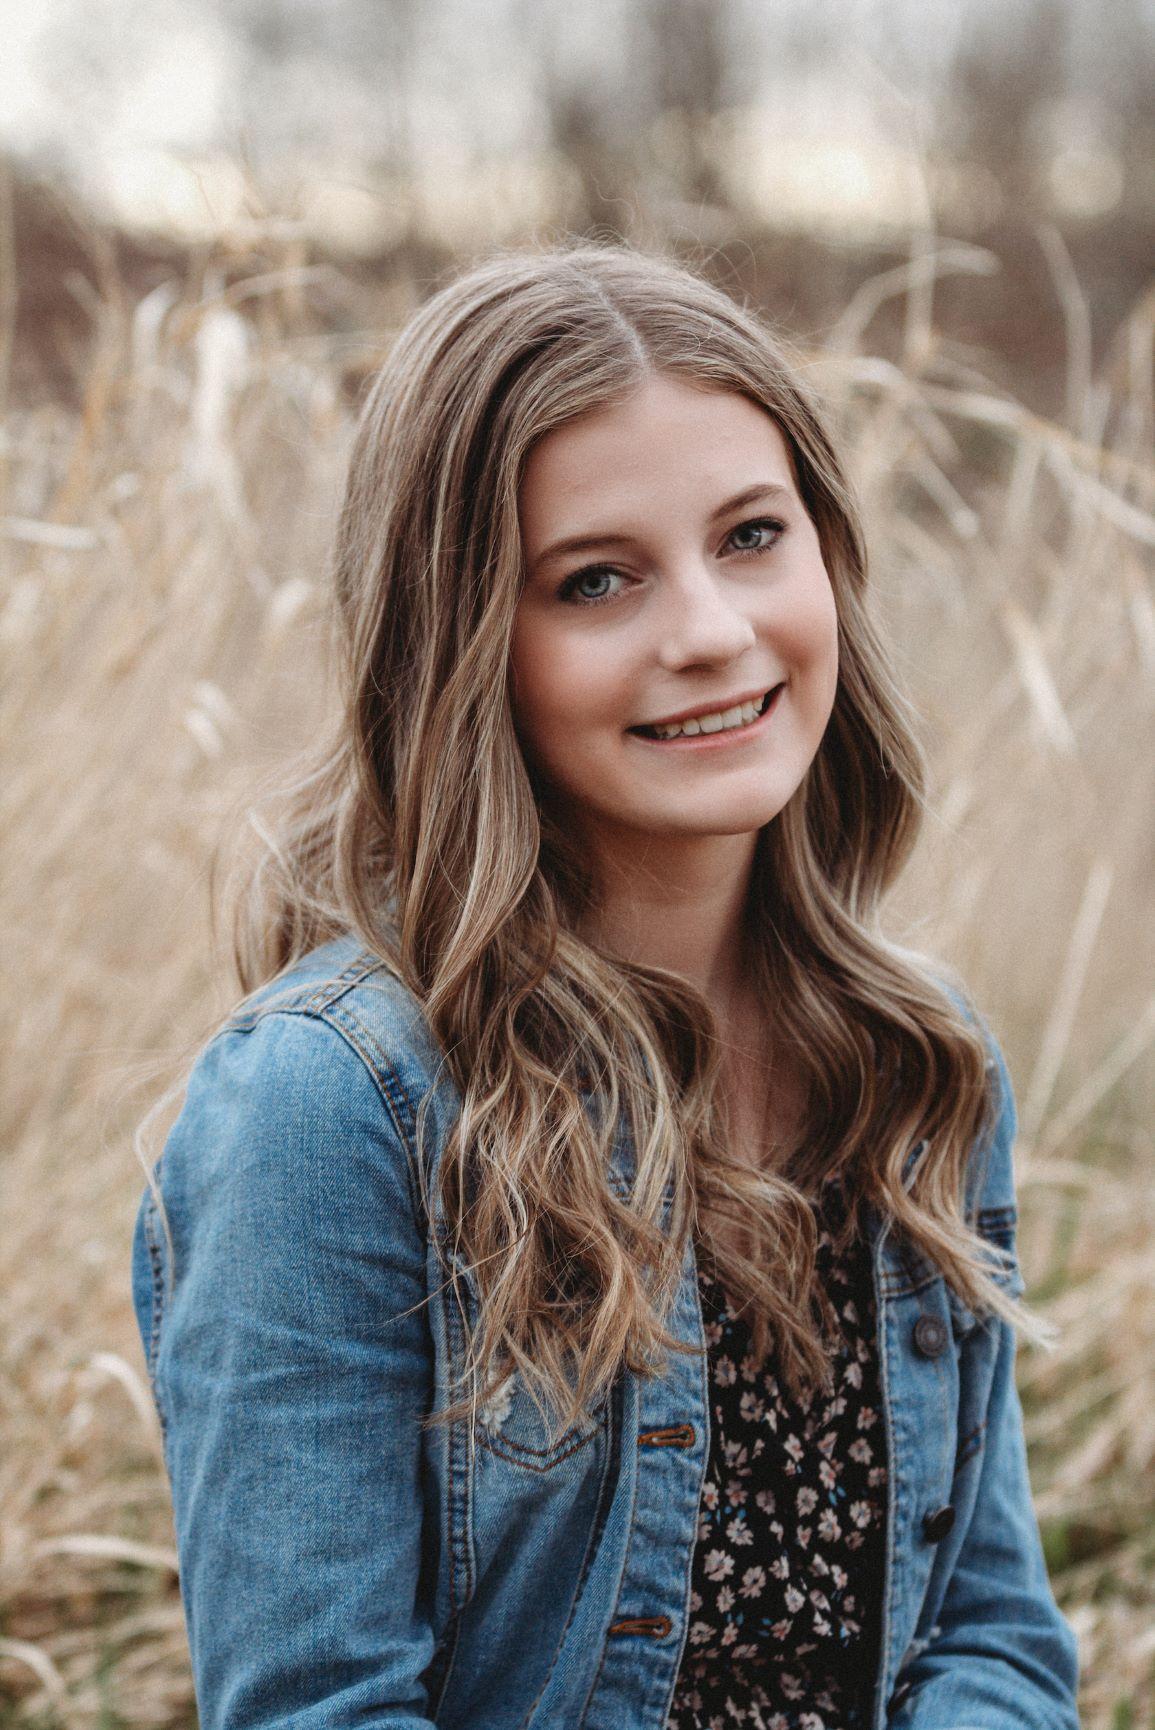 Lauren Bice